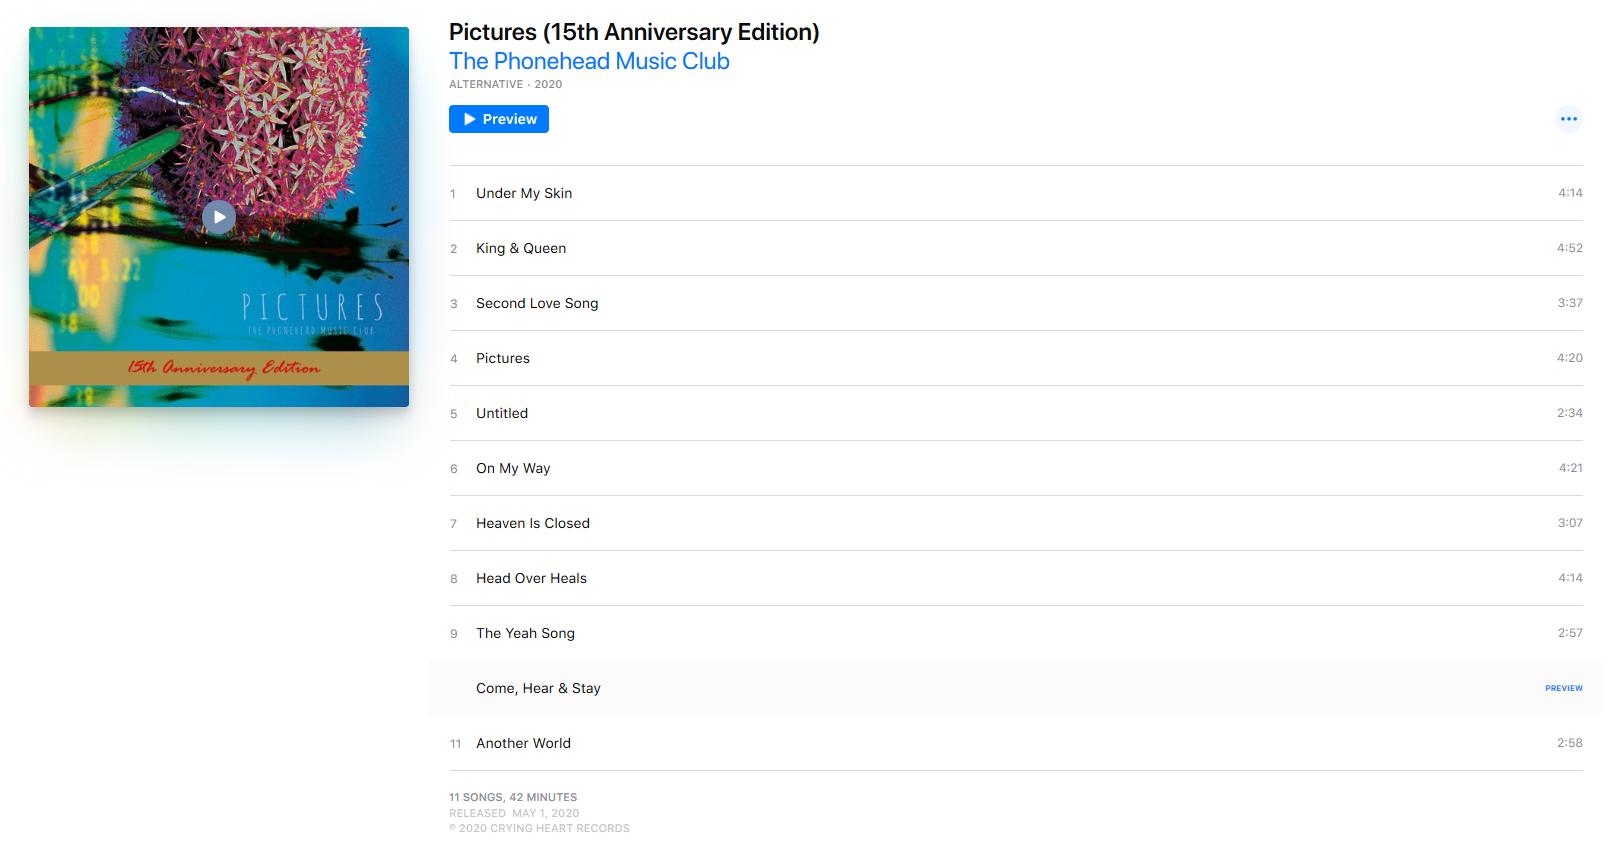 PMC Album Pictures digital